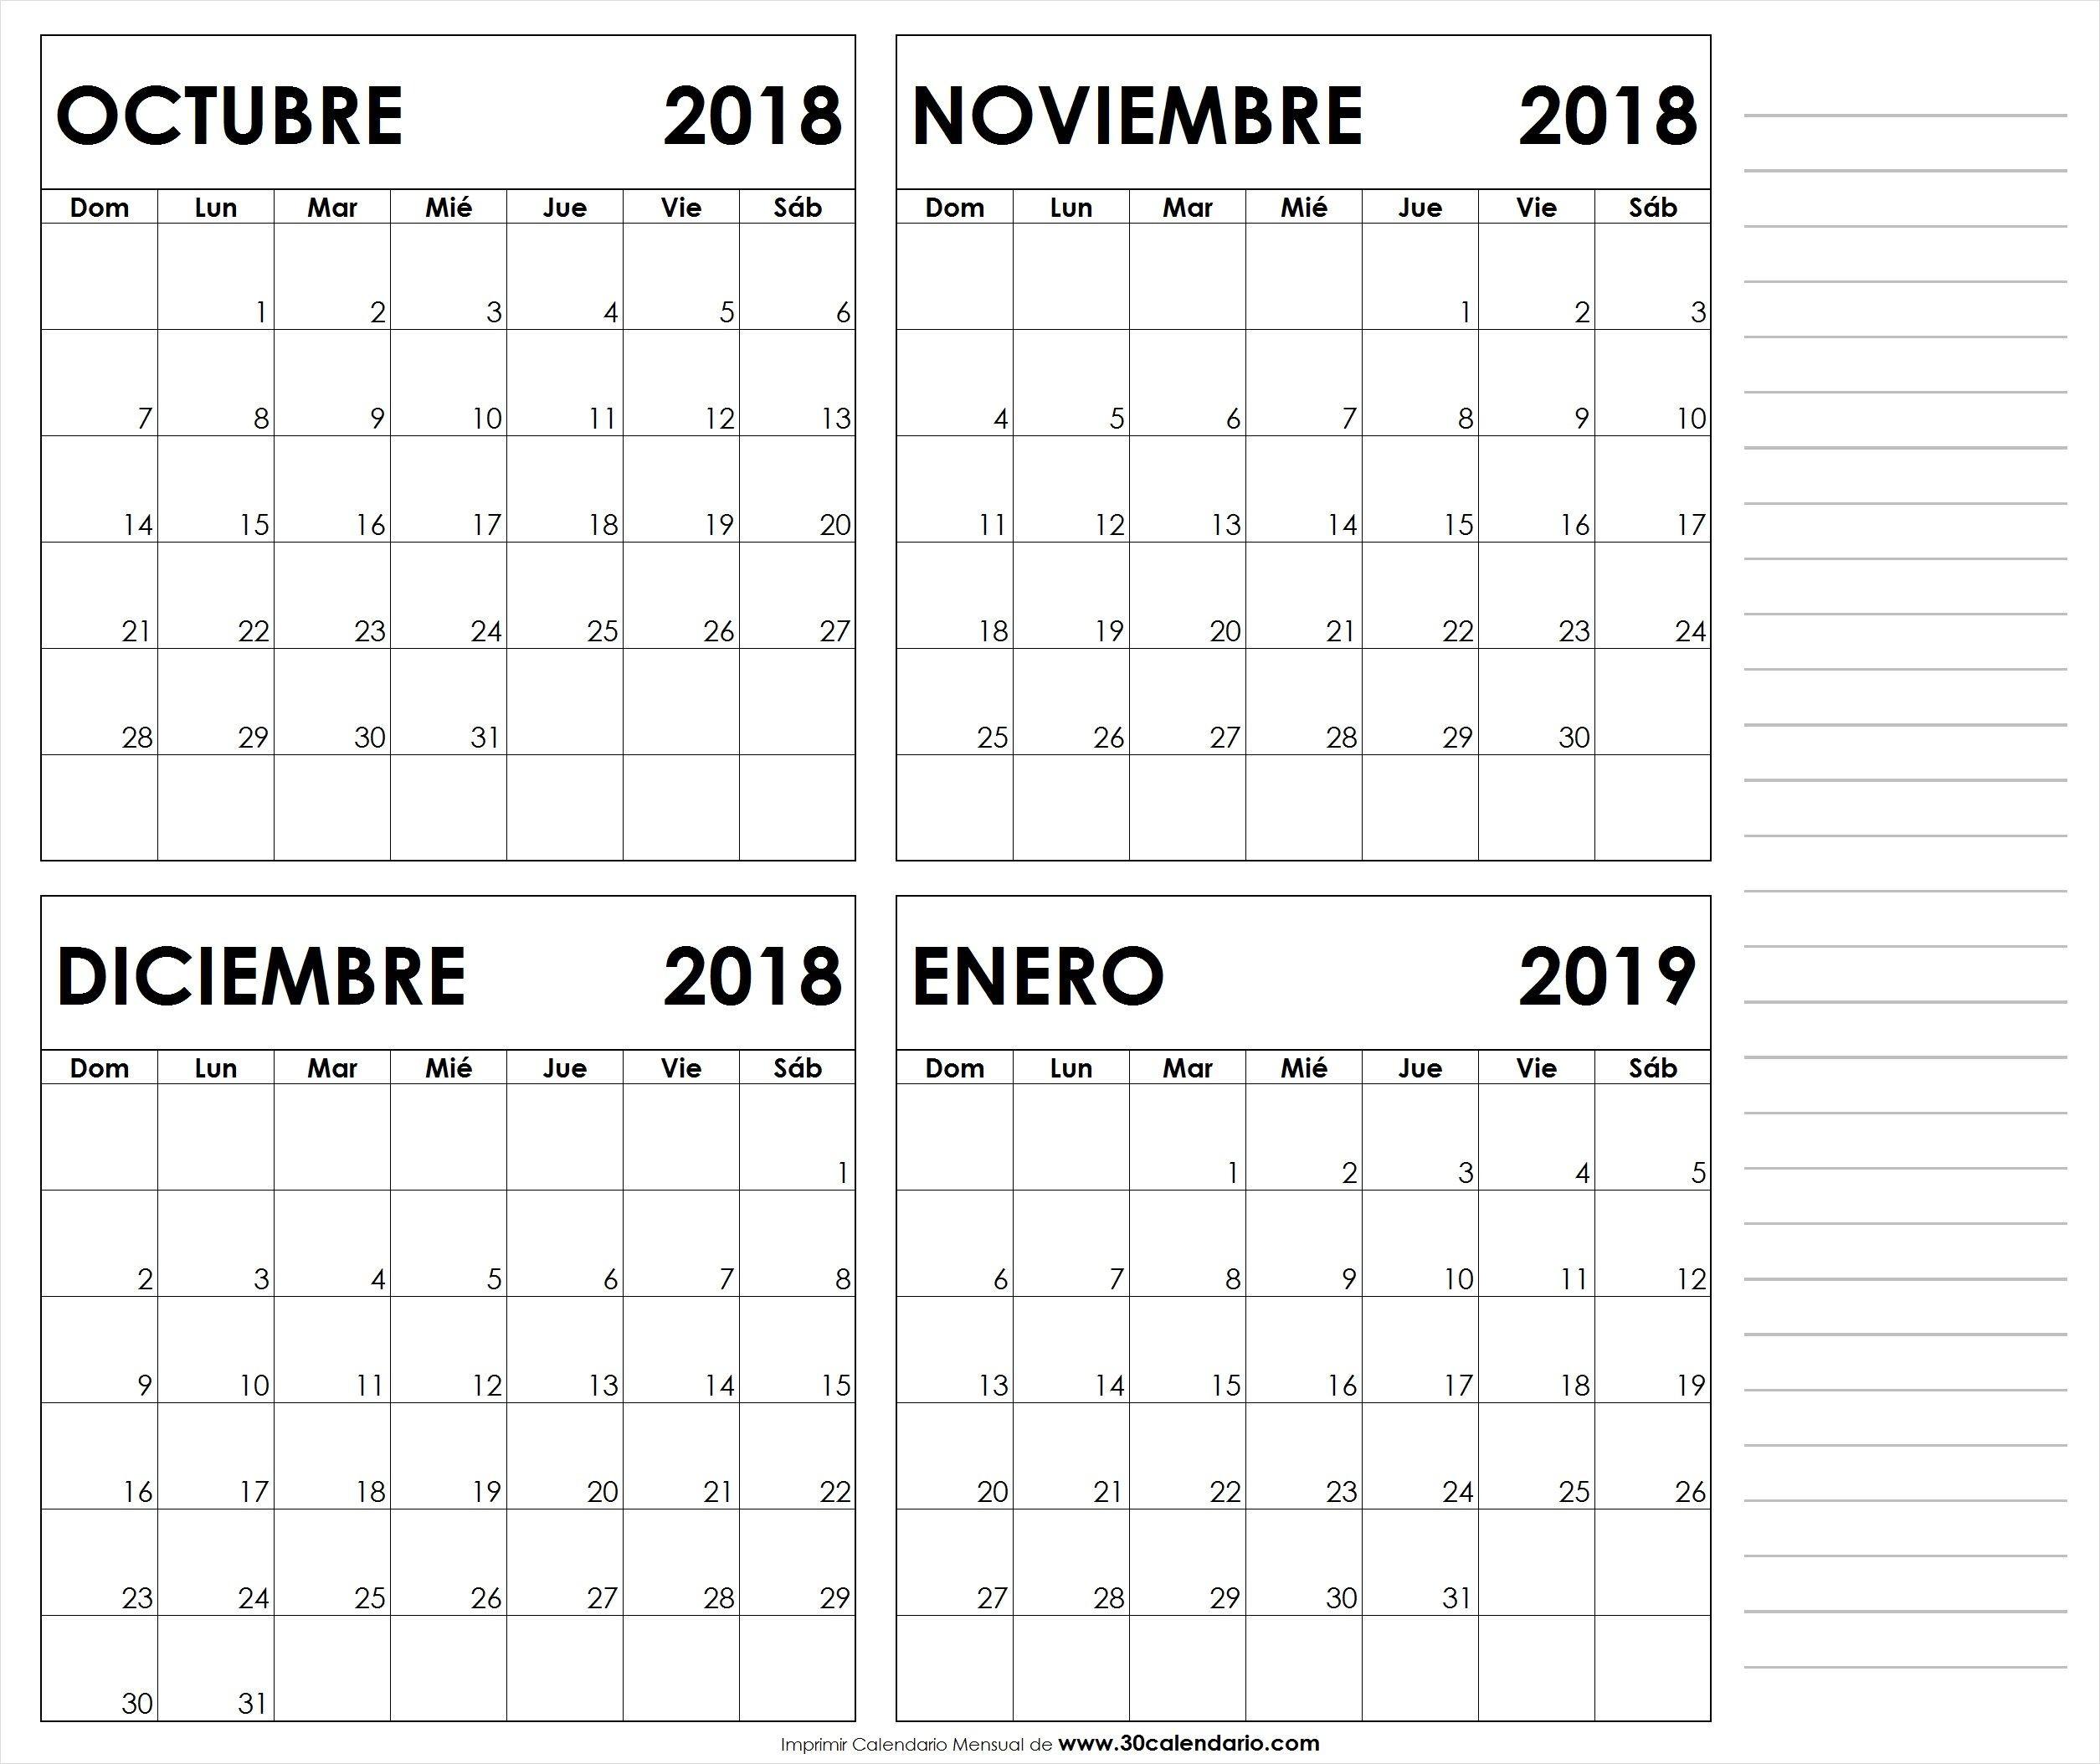 Calendario Octubre Noviembre Diciembre 2018 Enero 2019 Jpg September Calendar White People